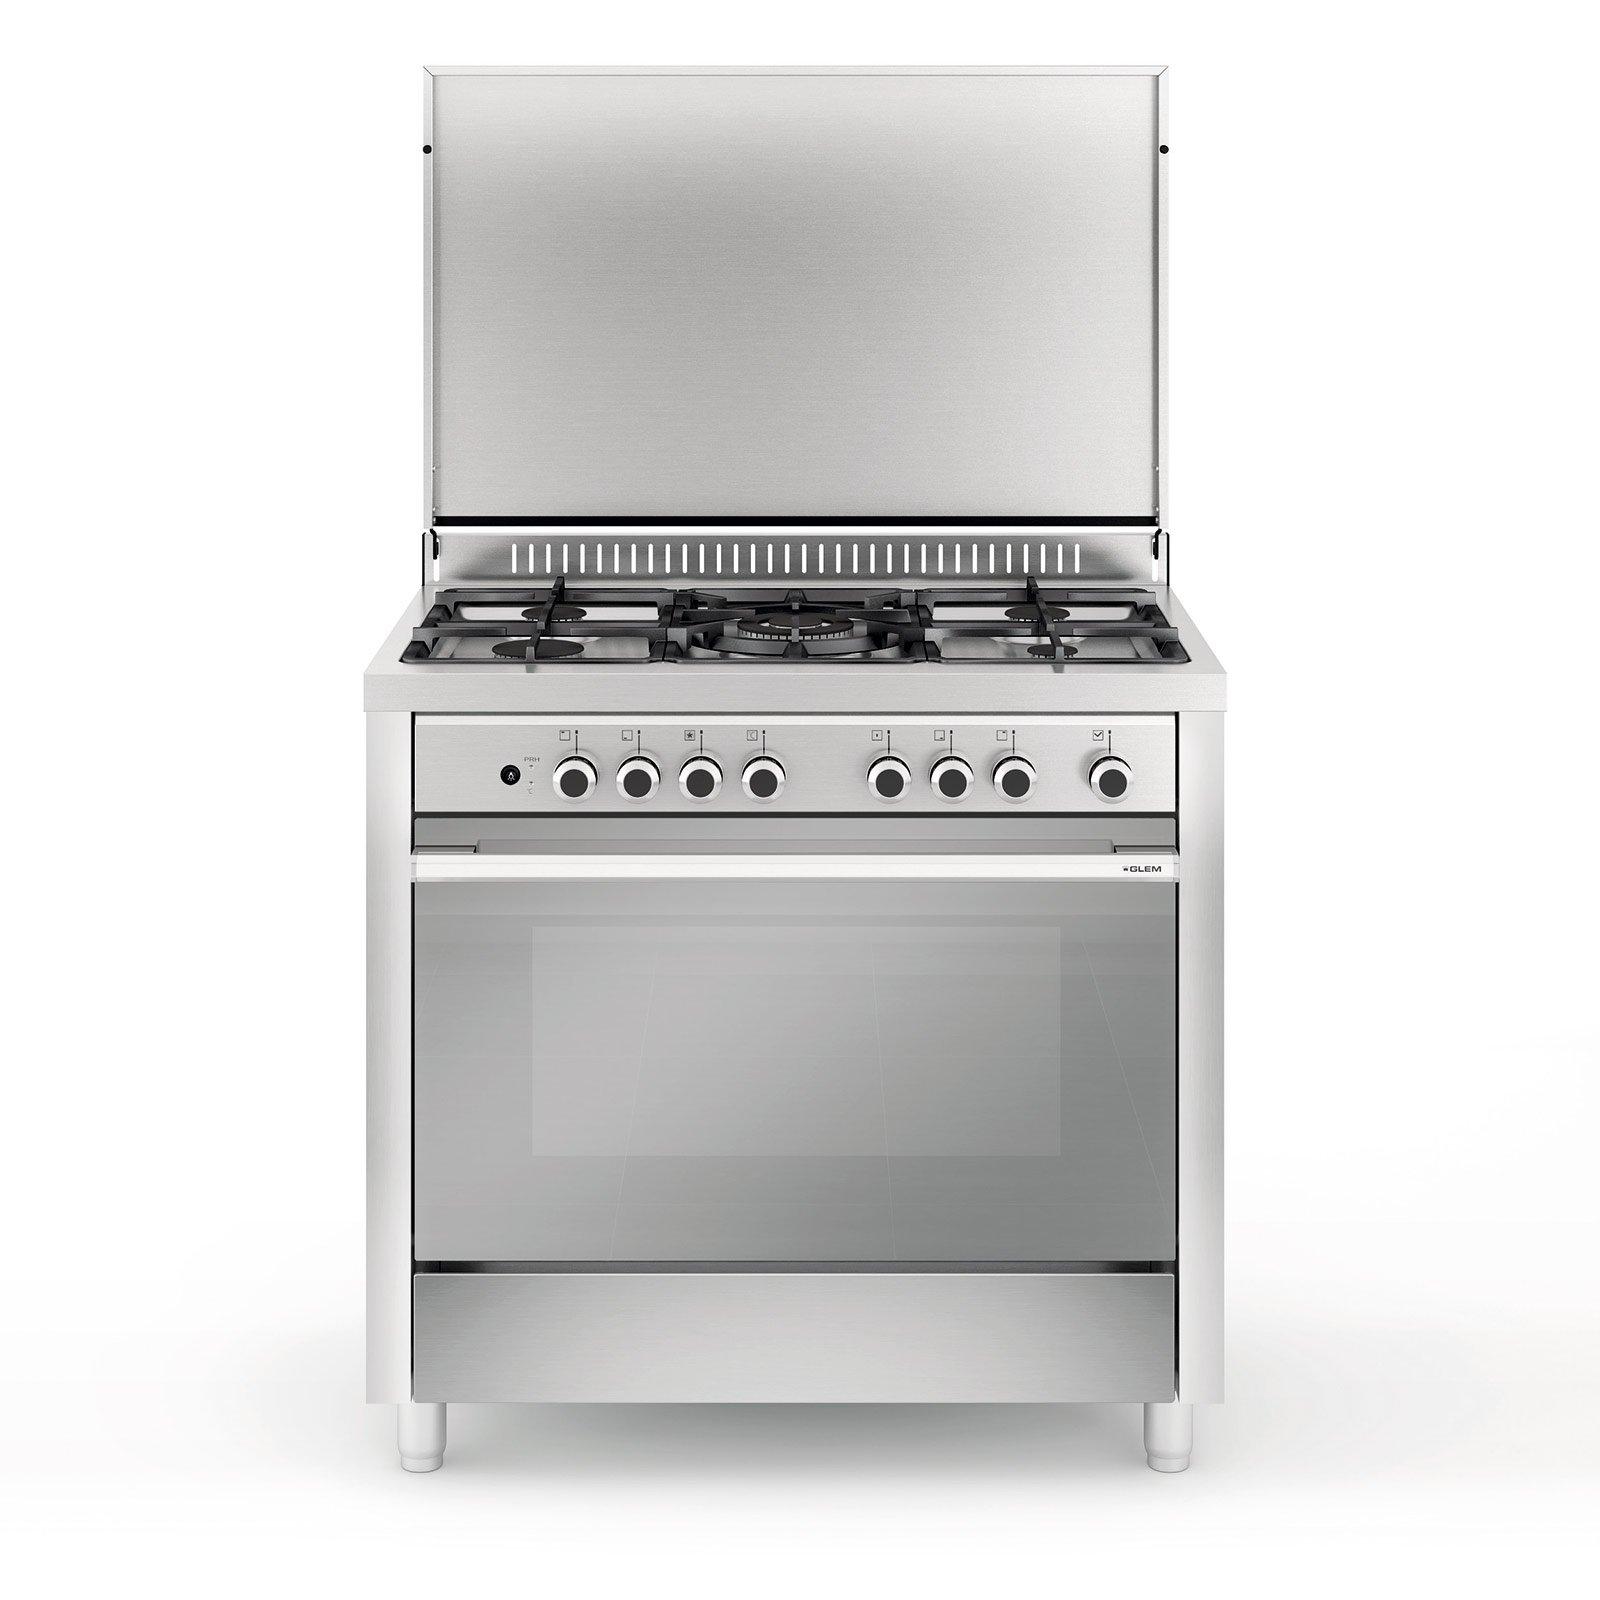 Cucine a gas con forno elettrico ariston tovaglioli di carta - Cucine a gas indesit ...